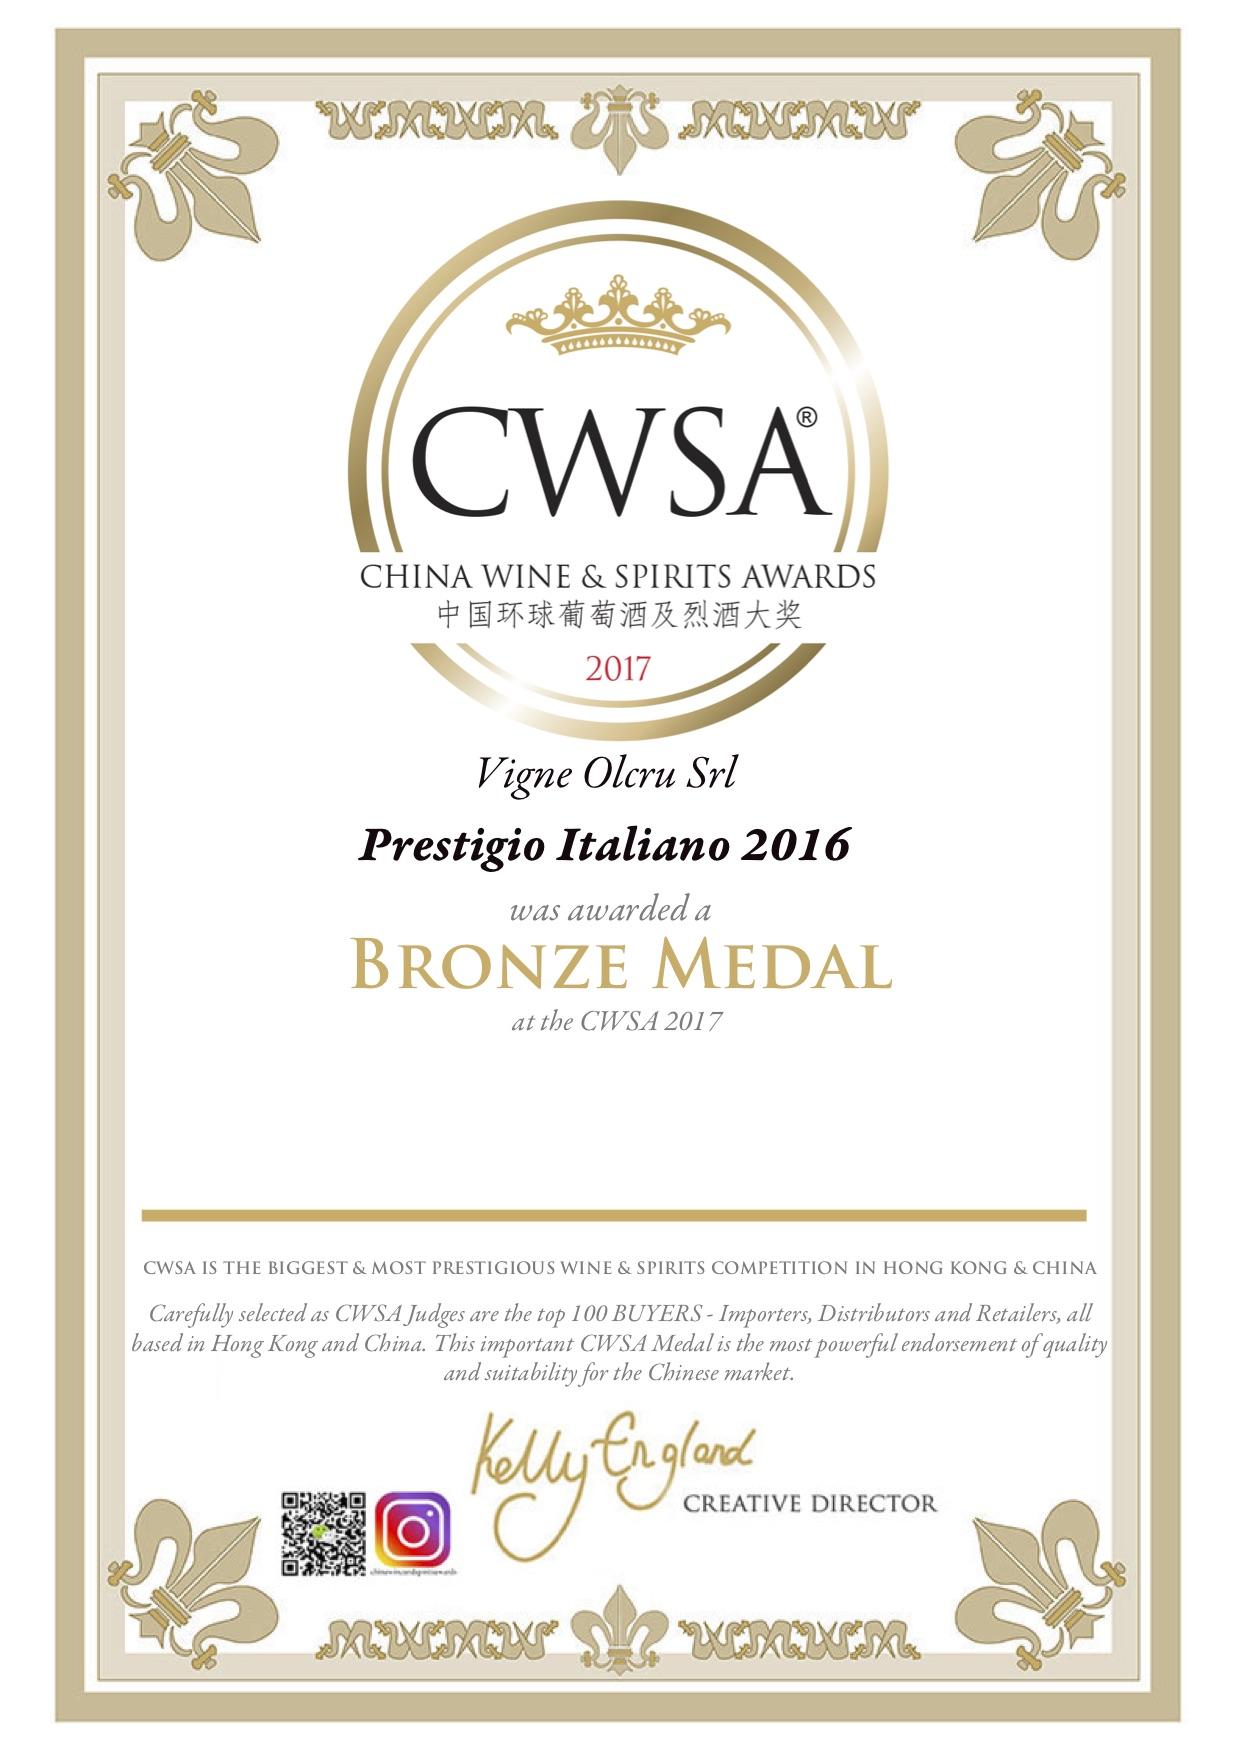 CWSA 2017 – Prestigio Italiano 2016